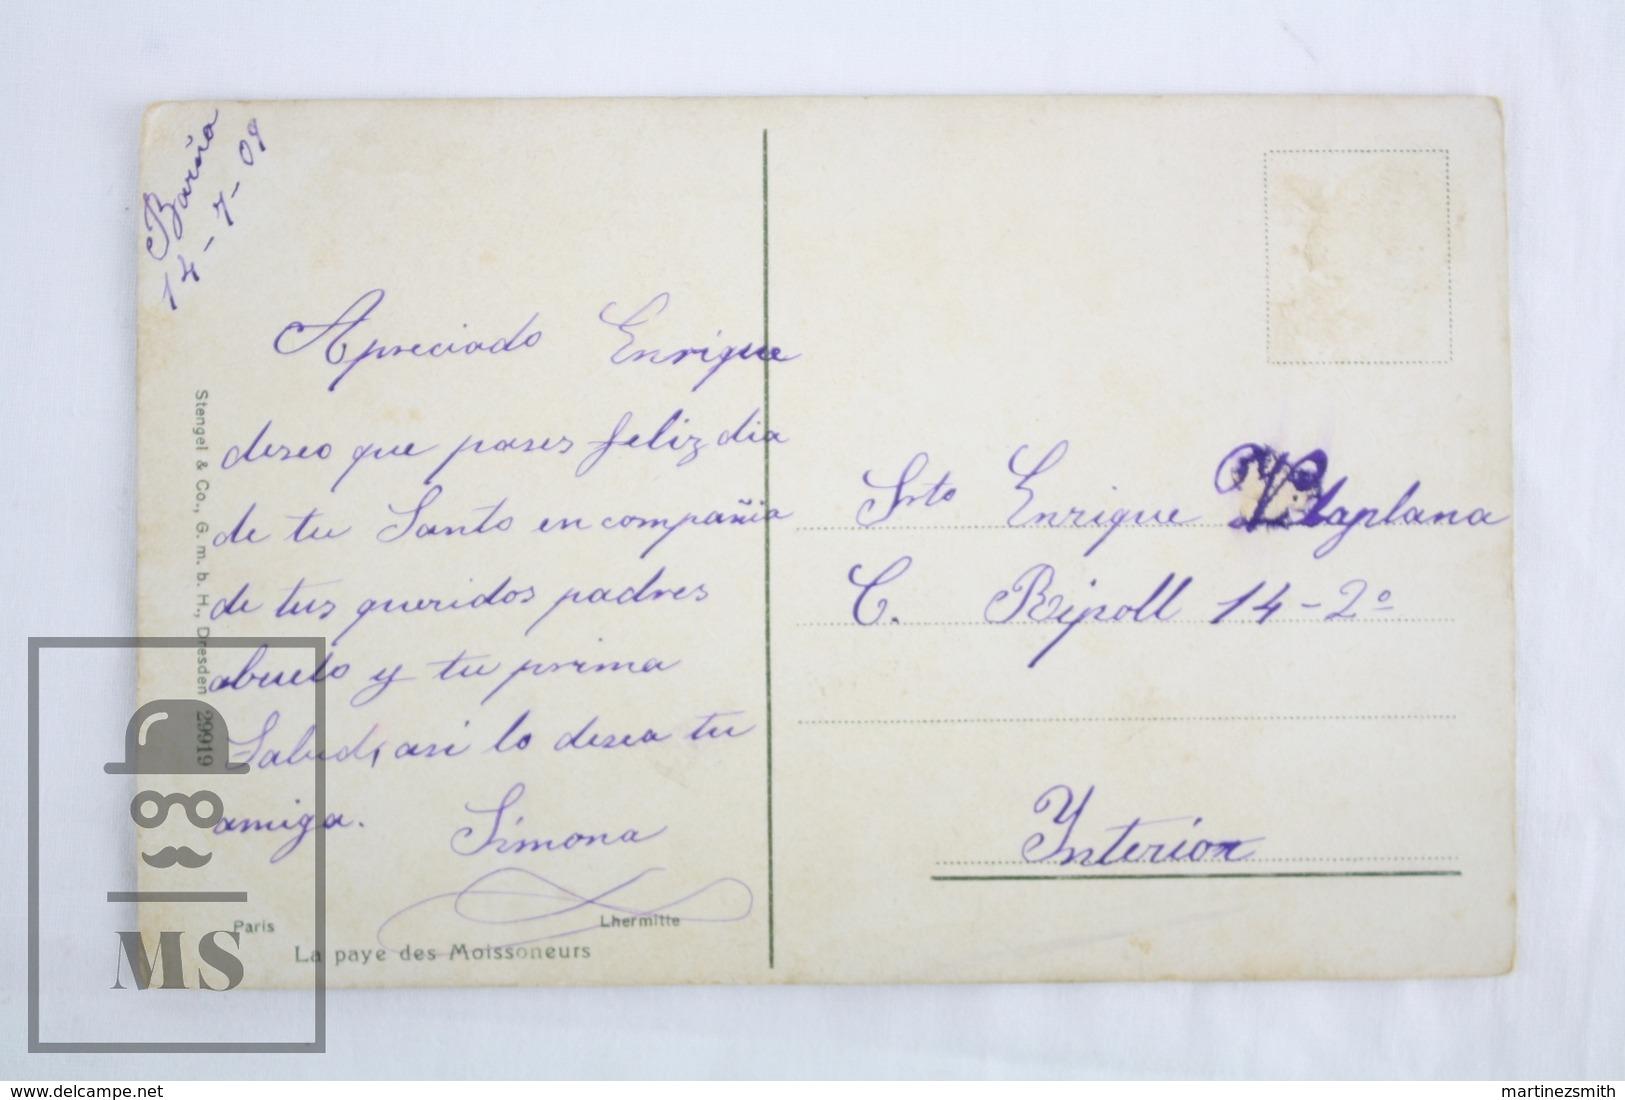 Old 1909 Illustrated Postcard - Paris - Lhermitte - La Paye Des Moissoneurs - Museos